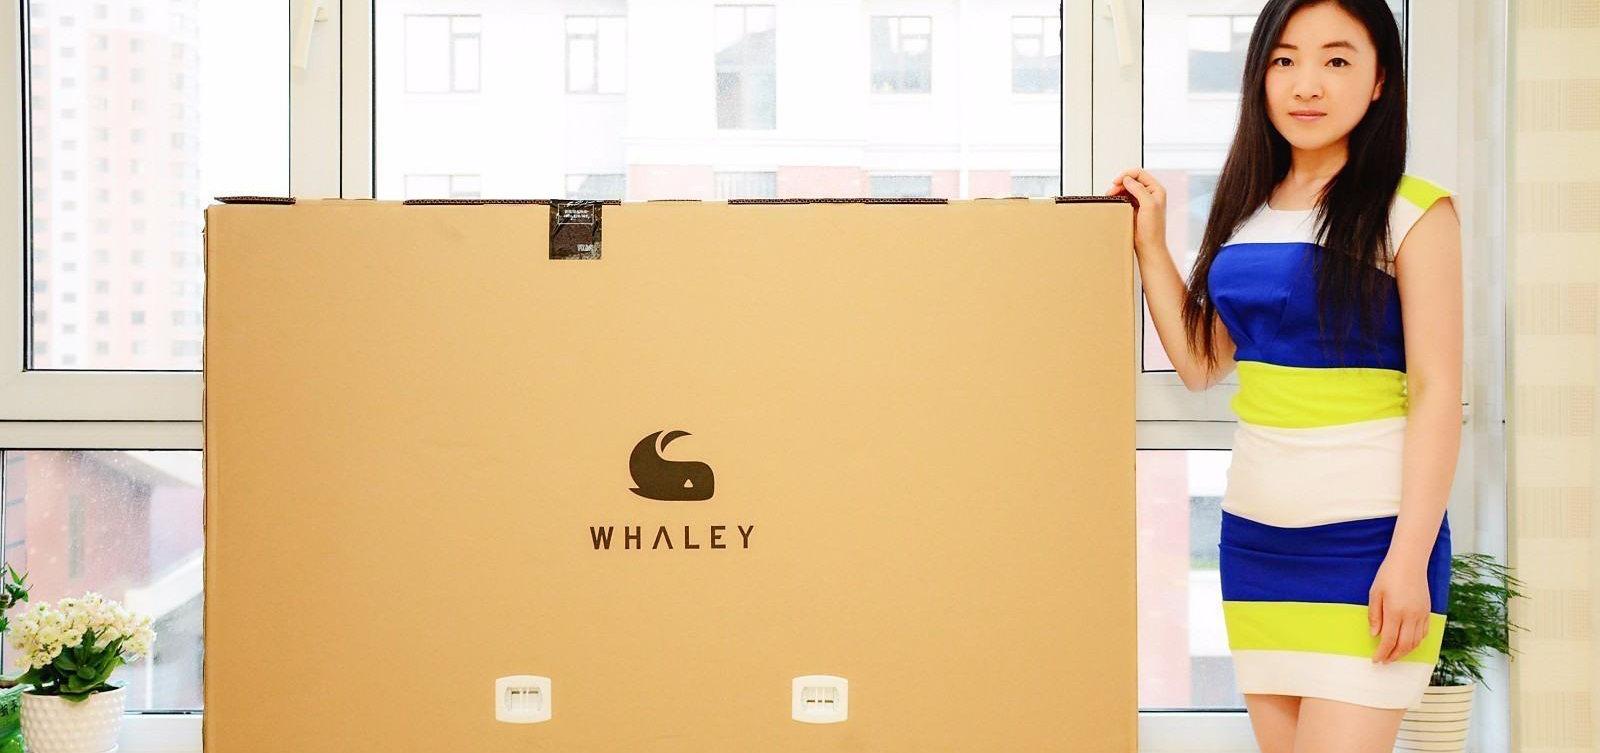 微鲸电视55Pro 大块头也能很用心 实拍开箱图解